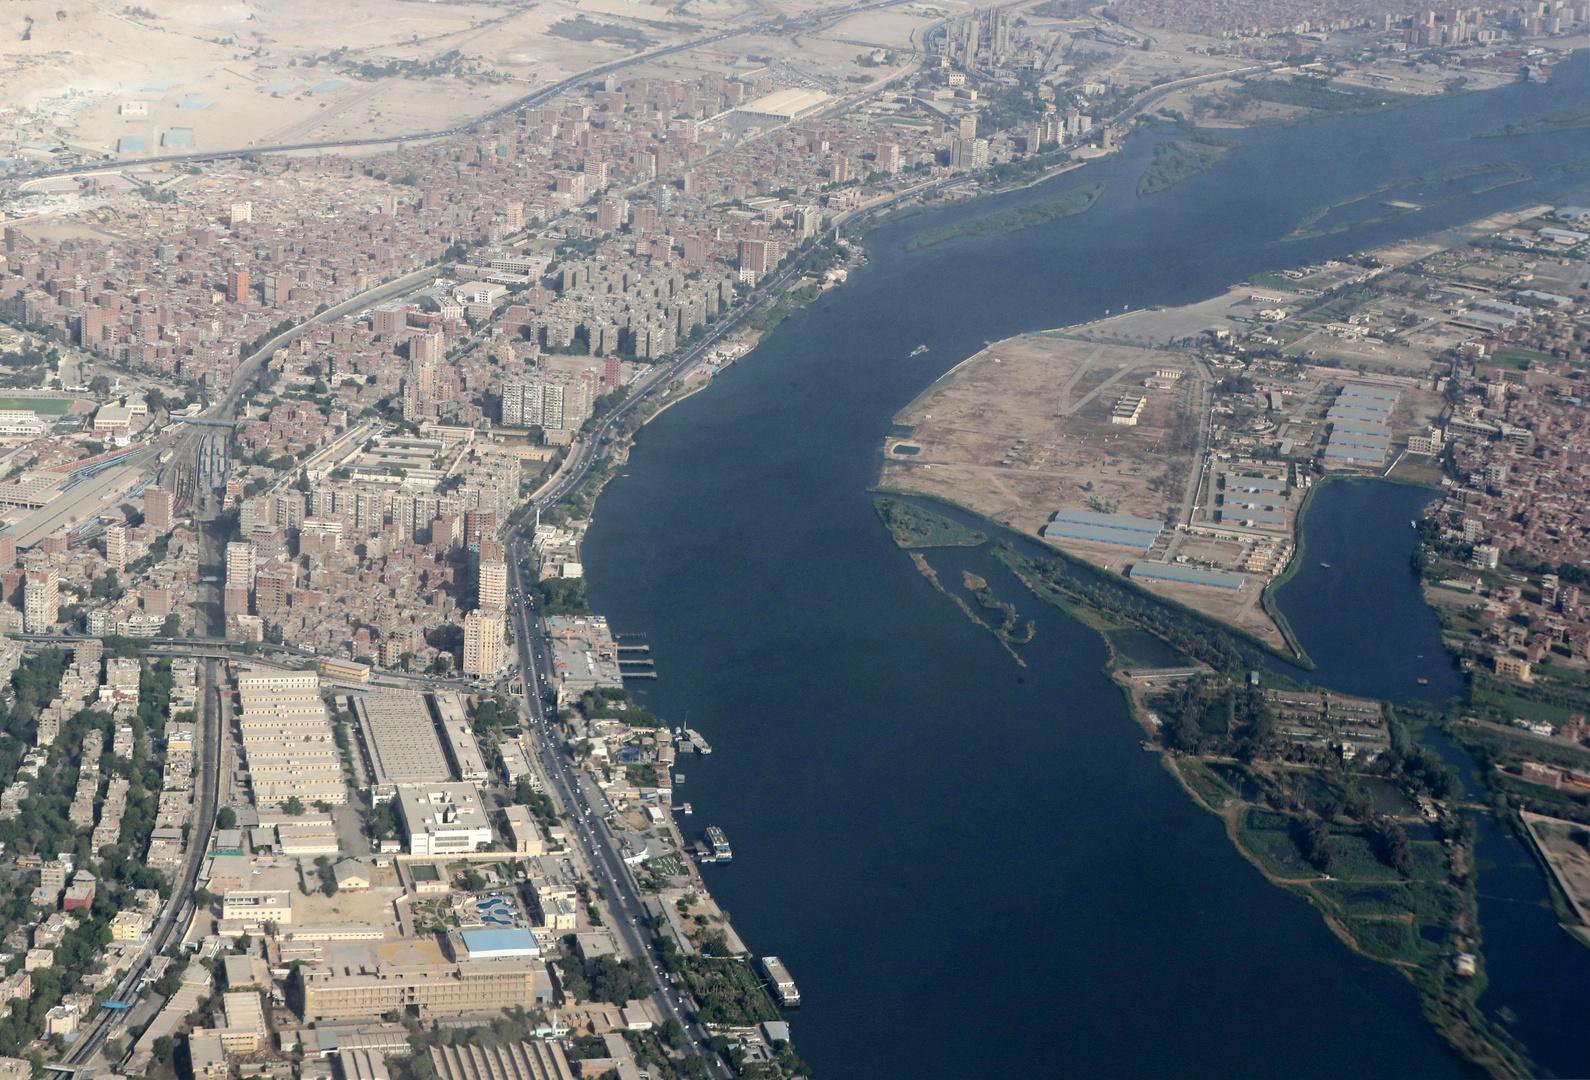 مصر تستعد لإنشاء محطتين جديدتين لتأمين نهر النيل بأمر السيسي